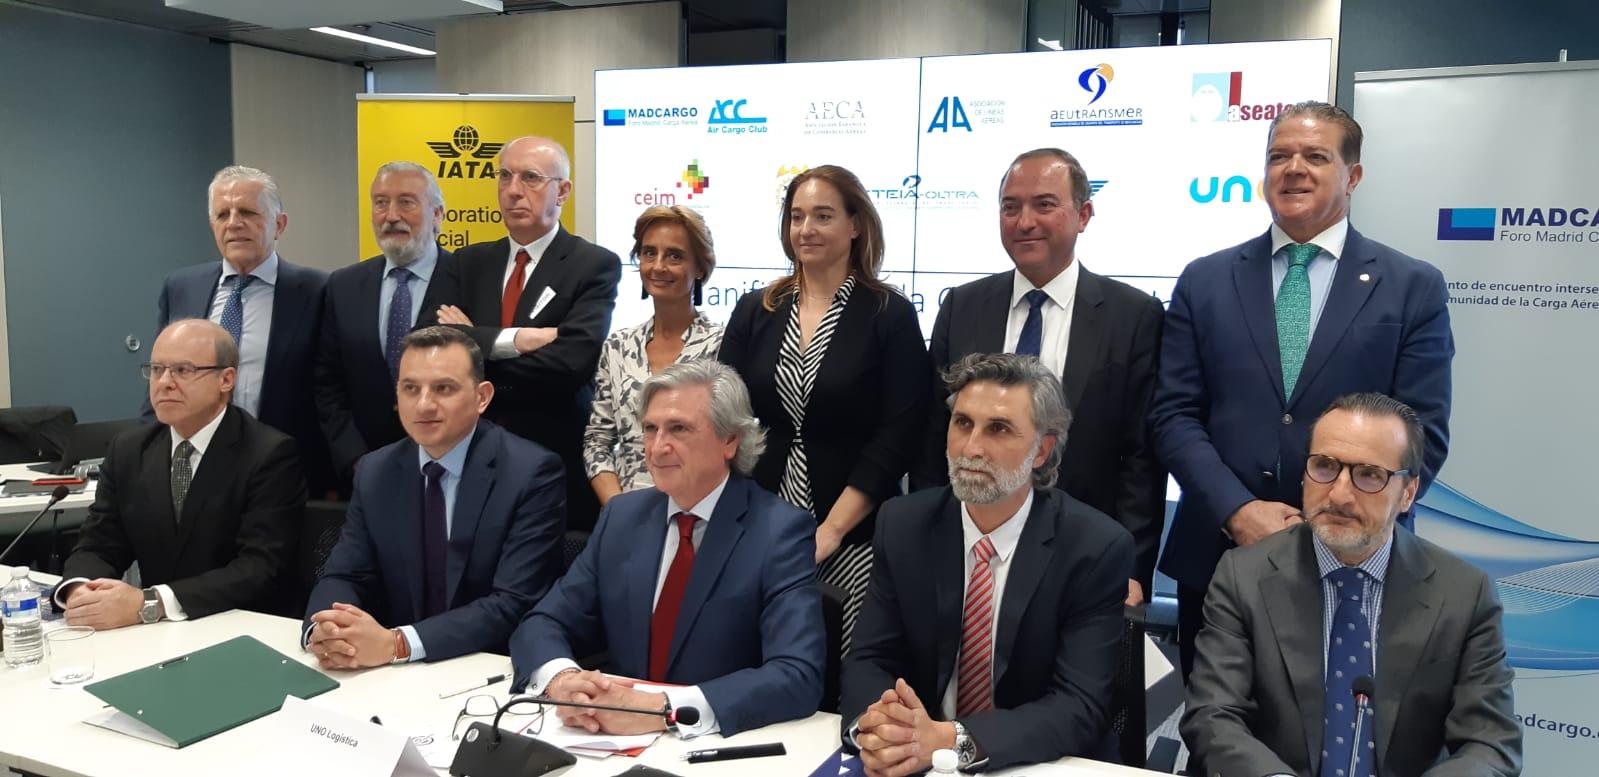 Nota de prensa: Manifiesto por la Competitividad de la Carga Aérea en España